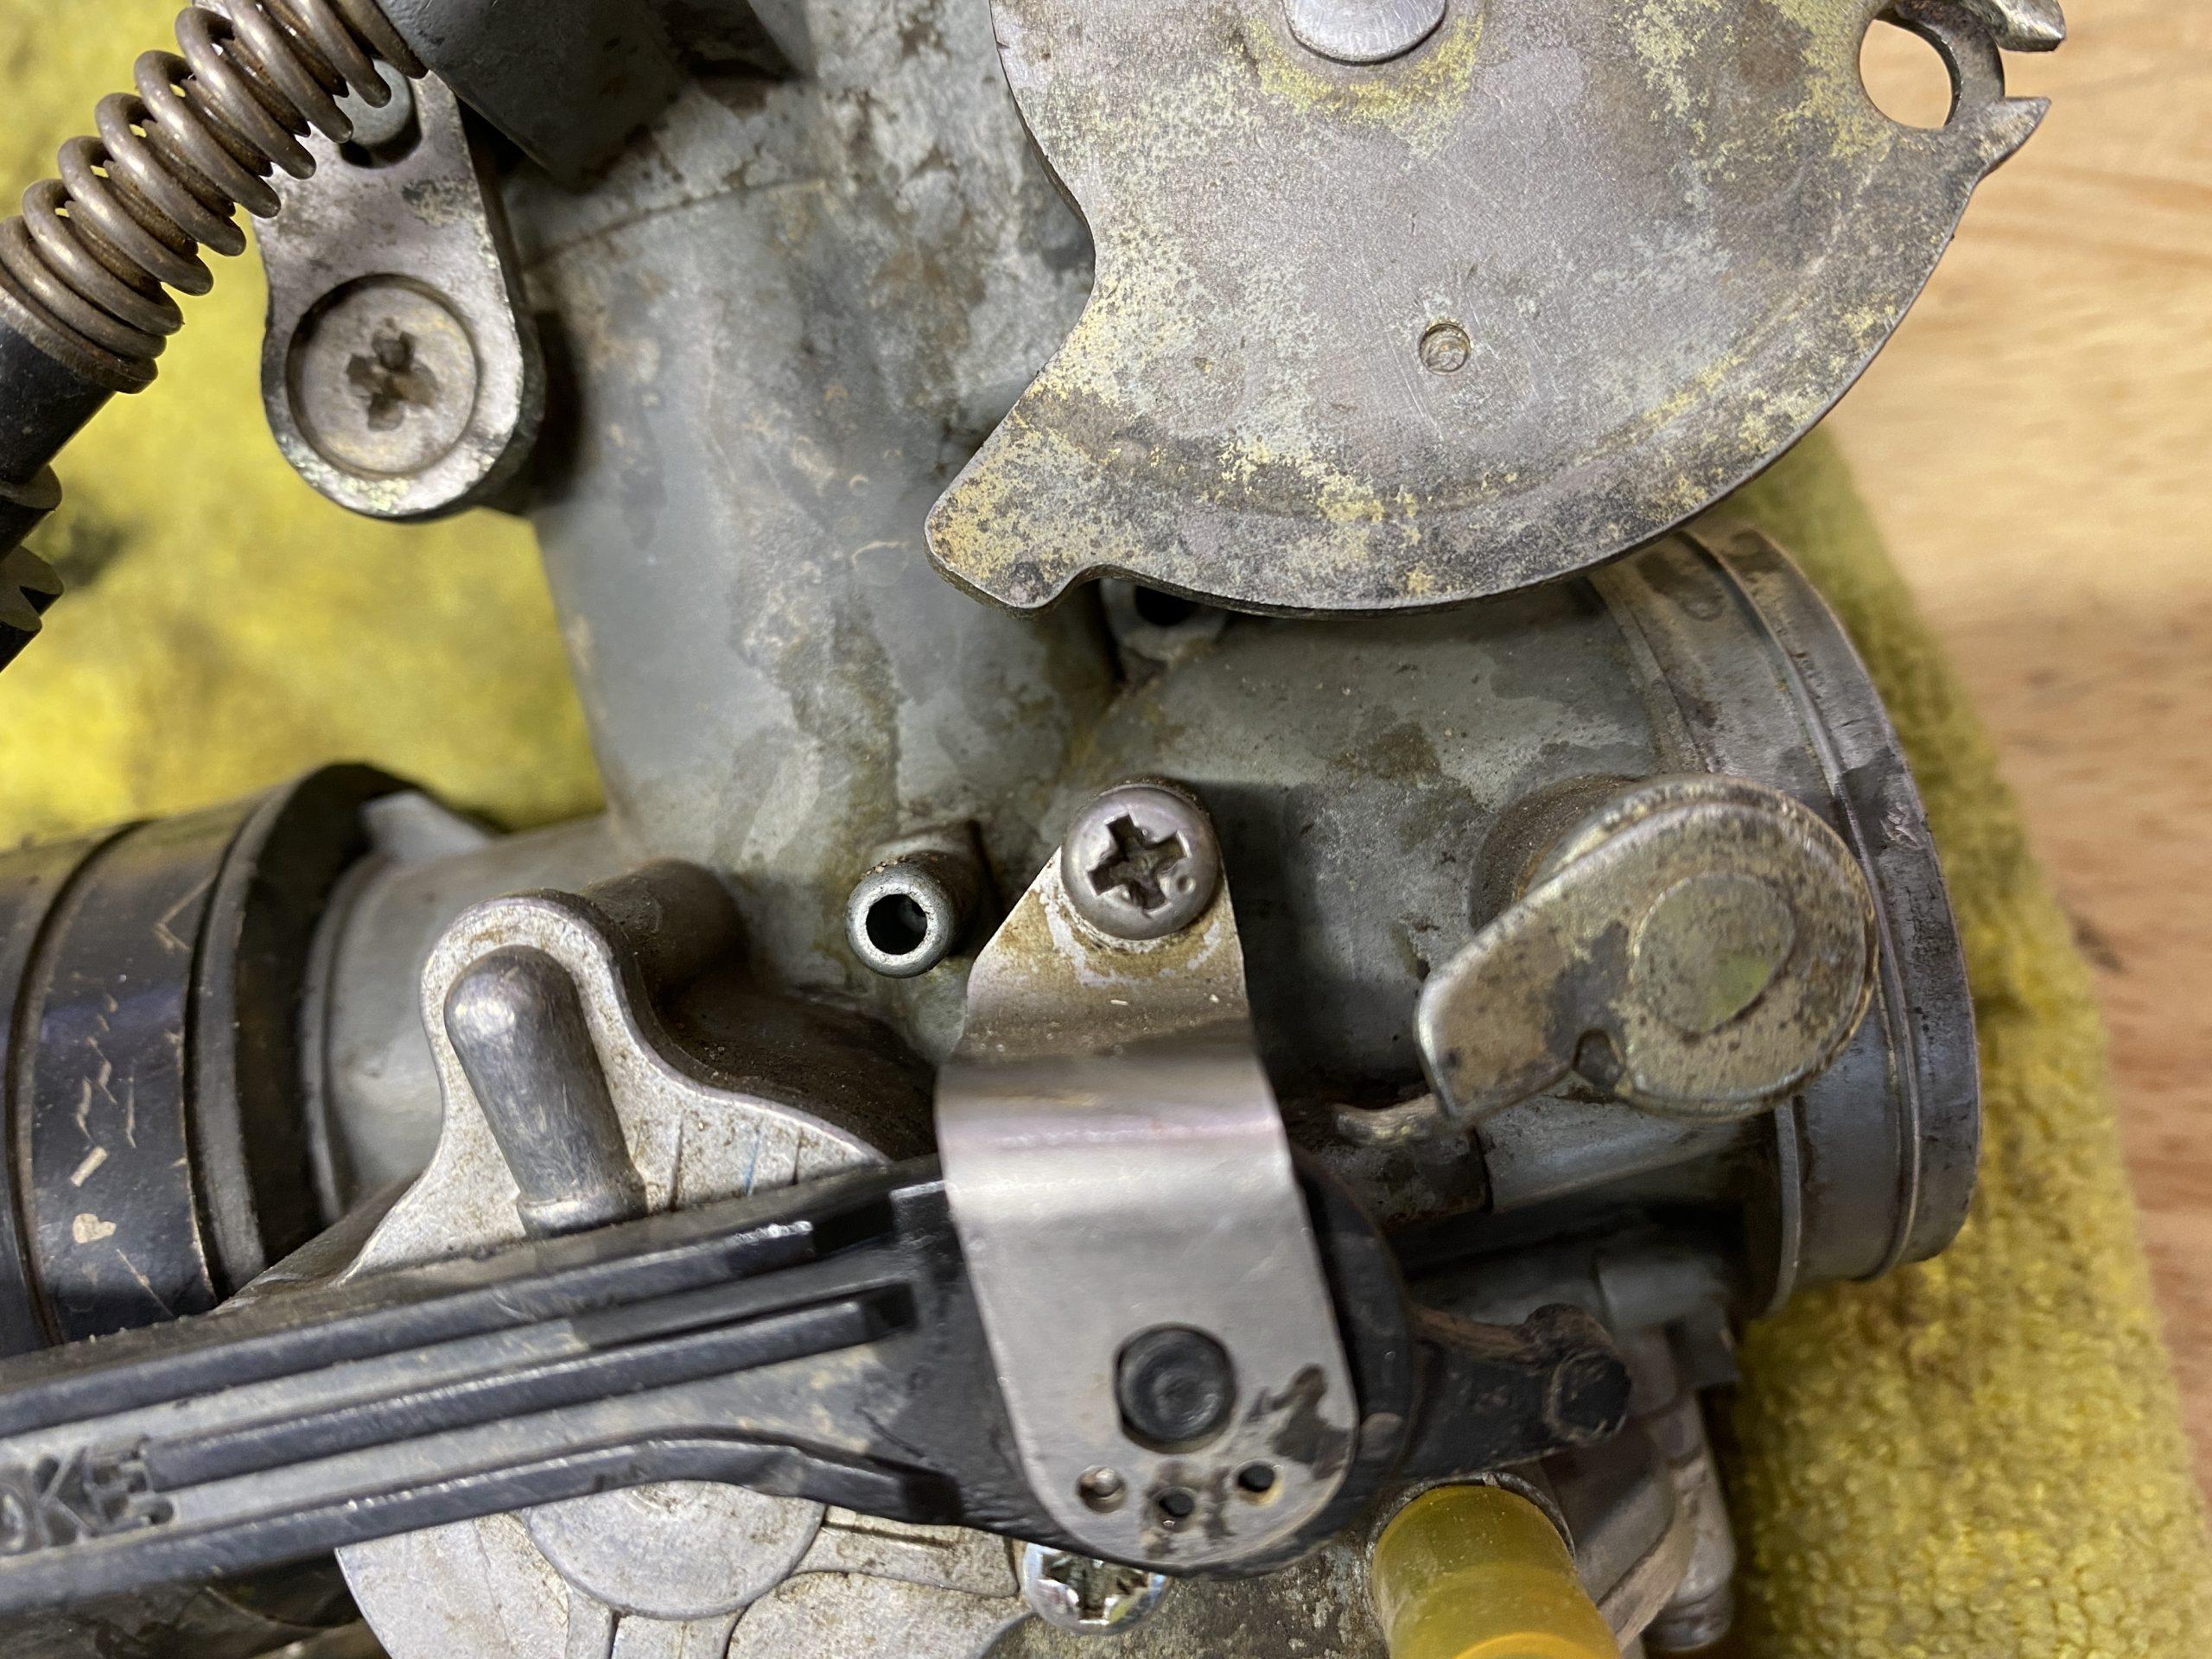 JIS screw in Honda Carb